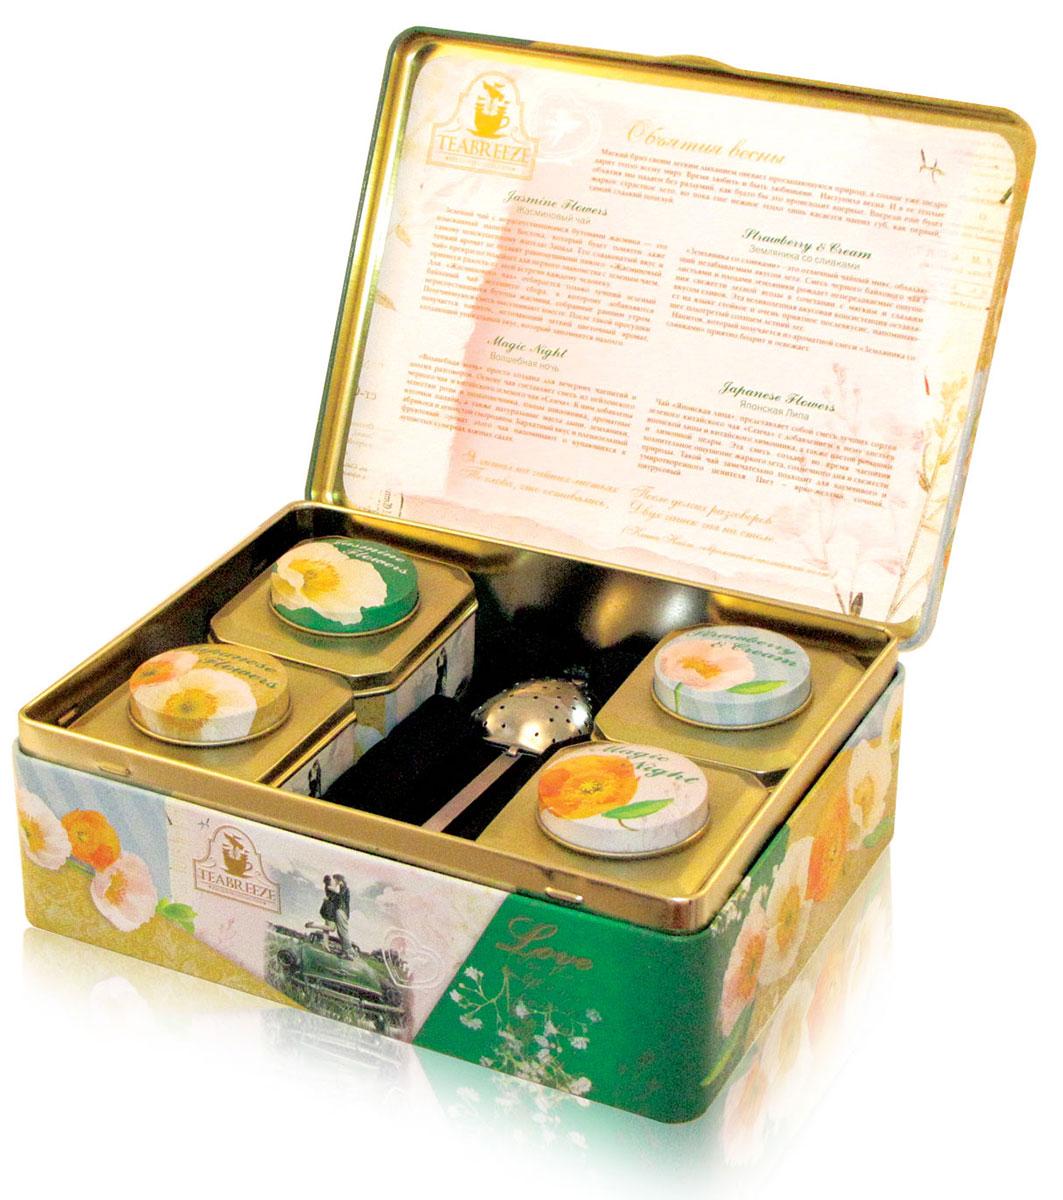 Teabreeze Объятия весны чай ароматизированный в подарочной шкатулке, 200 г4620009892008Чайная шкатулка Объятия весны включает в себя несколько видов чая.Чай Земляника со сливками 50 г.Земляника со сливками - это отличный чайный микс, обладающий незабываемым вкусом лета. Смесь черного байхового чая с листьями и плодами земляники рождает непередаваемые ощущения свежести лесной ягоды в сочетании с мягким и сладким вкусом сливок. Эта великолепная вкусовая консистенция оставляет на языке стойкое и очень приятное послевкусие, напоминающее подогретый солнцем летний лес. Напиток, который получается из ароматной смеси Земляника со сливками приятно бодрит и освежает.Чай Волшебная ночь 50 г.Волшебная ночь просто создана для вечерних чаепитий и долгих разговоров. Основу чая составляет смесь из цейлонского черного чая и китайского зеленого чая Сенча. К ним добавлены лепестки розы и подсолнечника, плоды шиповника, ароматные кусочки папайи, а также натуральные масла дыни, земляники, абрикоса и душистой смородины. Бархатный вкус и пленительный фруктовый аромат этого чая напоминают о купающихся в душистых сумерках южных садах.Чай Японская липа 50 г.Чай Японская липа, представляет собой смесь лучших сортов зеленого китайского чая Сенча с добавлением к нему цветов ромашки и японской липы, а так же листьев китайского лимонника и лимонной цедры. Эта смесь создает во время чаепития волнительное ощущение жаркого лета, солнечного дня и свежести природы. Такой чай замечательно подходит для вдумчивого и умиротворенного ценителя. Цвет – ярко - желтый, сочный, цитрусовый.Жасминовый чай 50 г.Зеленый чай с нераспустившимися бутонами жасмина — это изысканный напиток Востока, который будет понятен даже самому неискушенному жителю Запада. Его сладковатый вкус и тонкий аромат не оставят равнодушными никого. Жасминовый чай прекрасно подойдет для первого знакомства с зеленым чаем, привнеся радость от этой встречи каждому человеку. Для Жасминового чая отбирается только лучший зеленый байховый чай весен